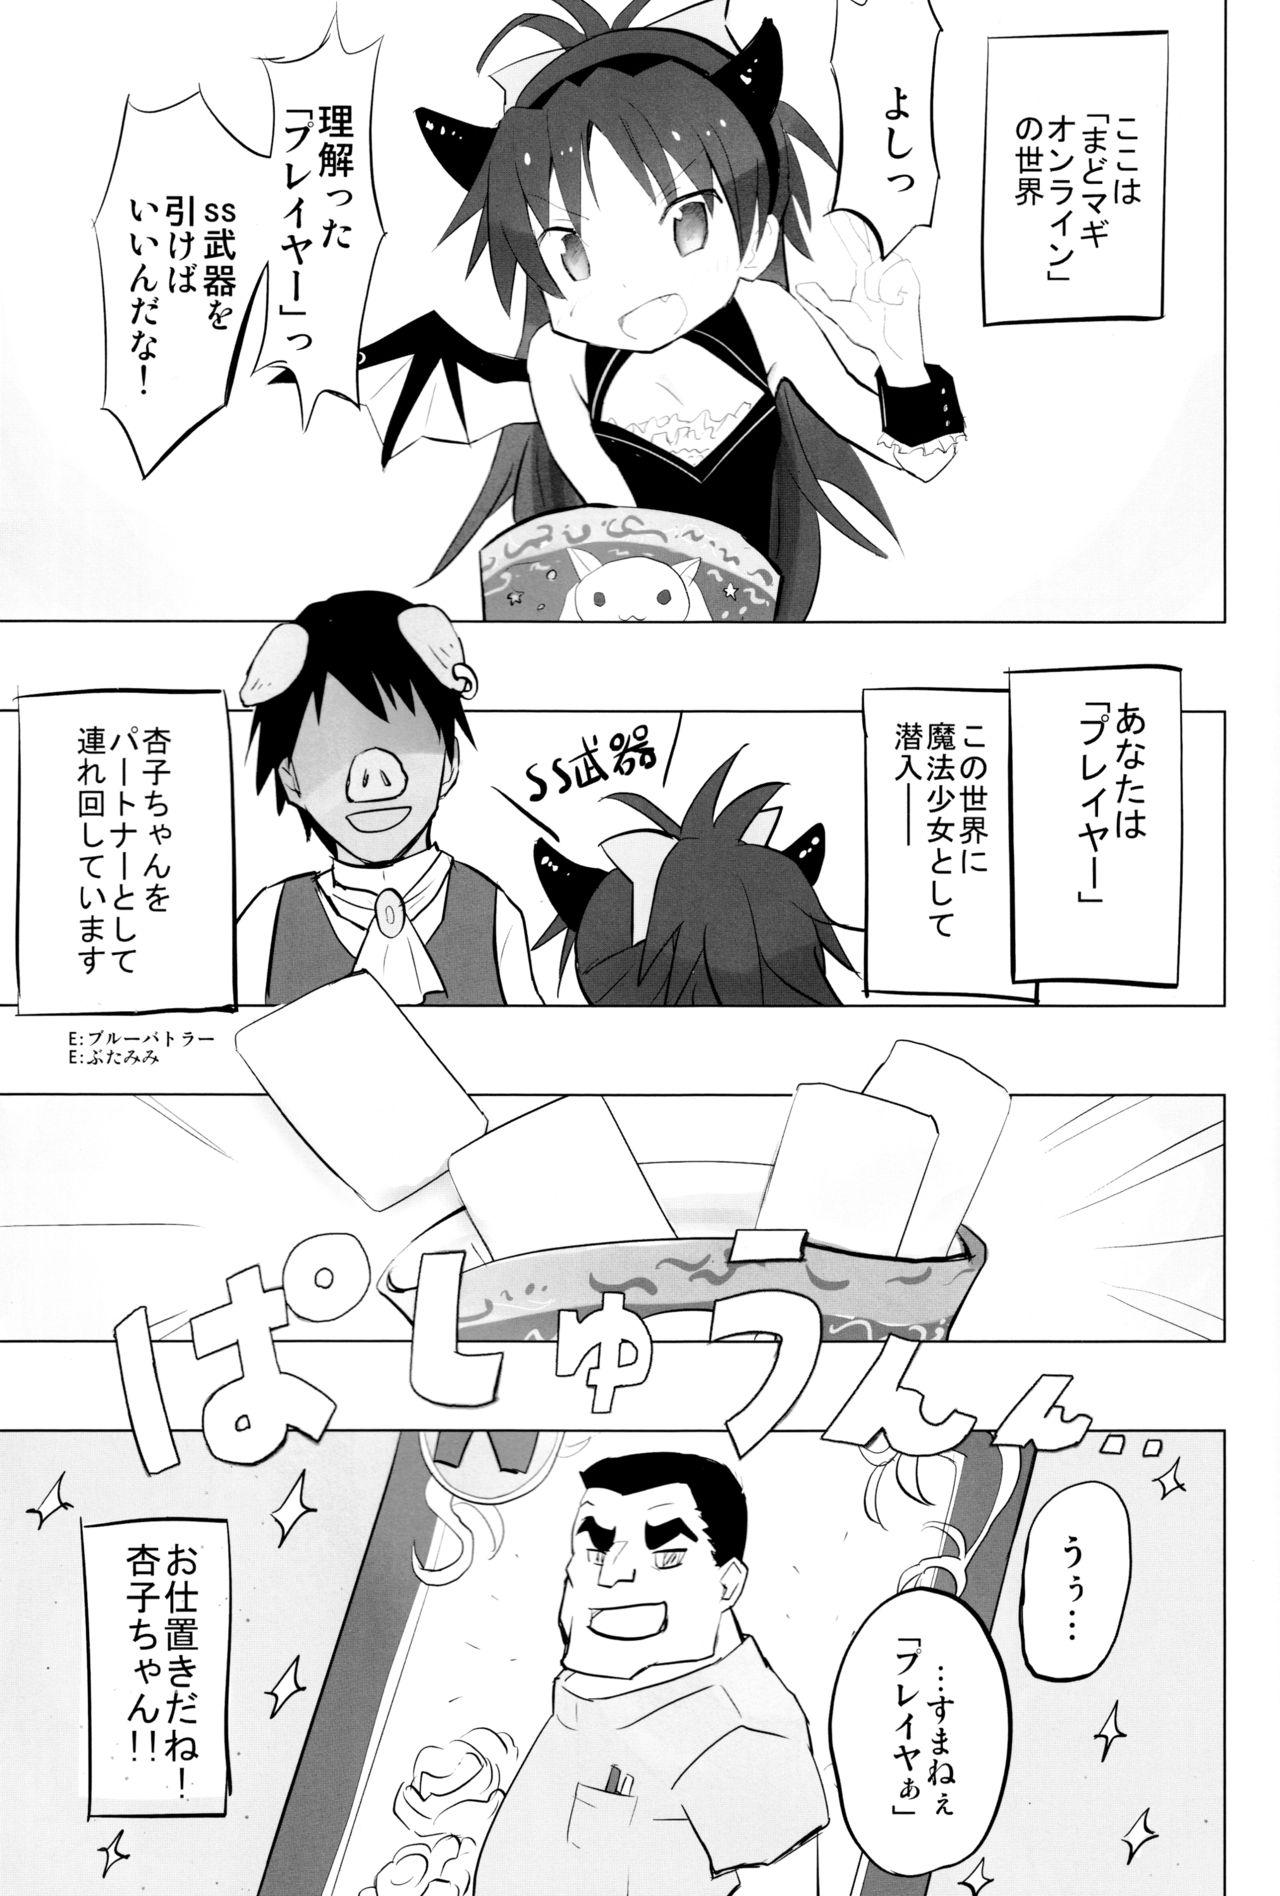 MadoOn no Sekai dato Ossan wa Mahou Shoujo de Sunao na Kyouko-chan o Tsuremawashite Zaiakukan Bokki 1